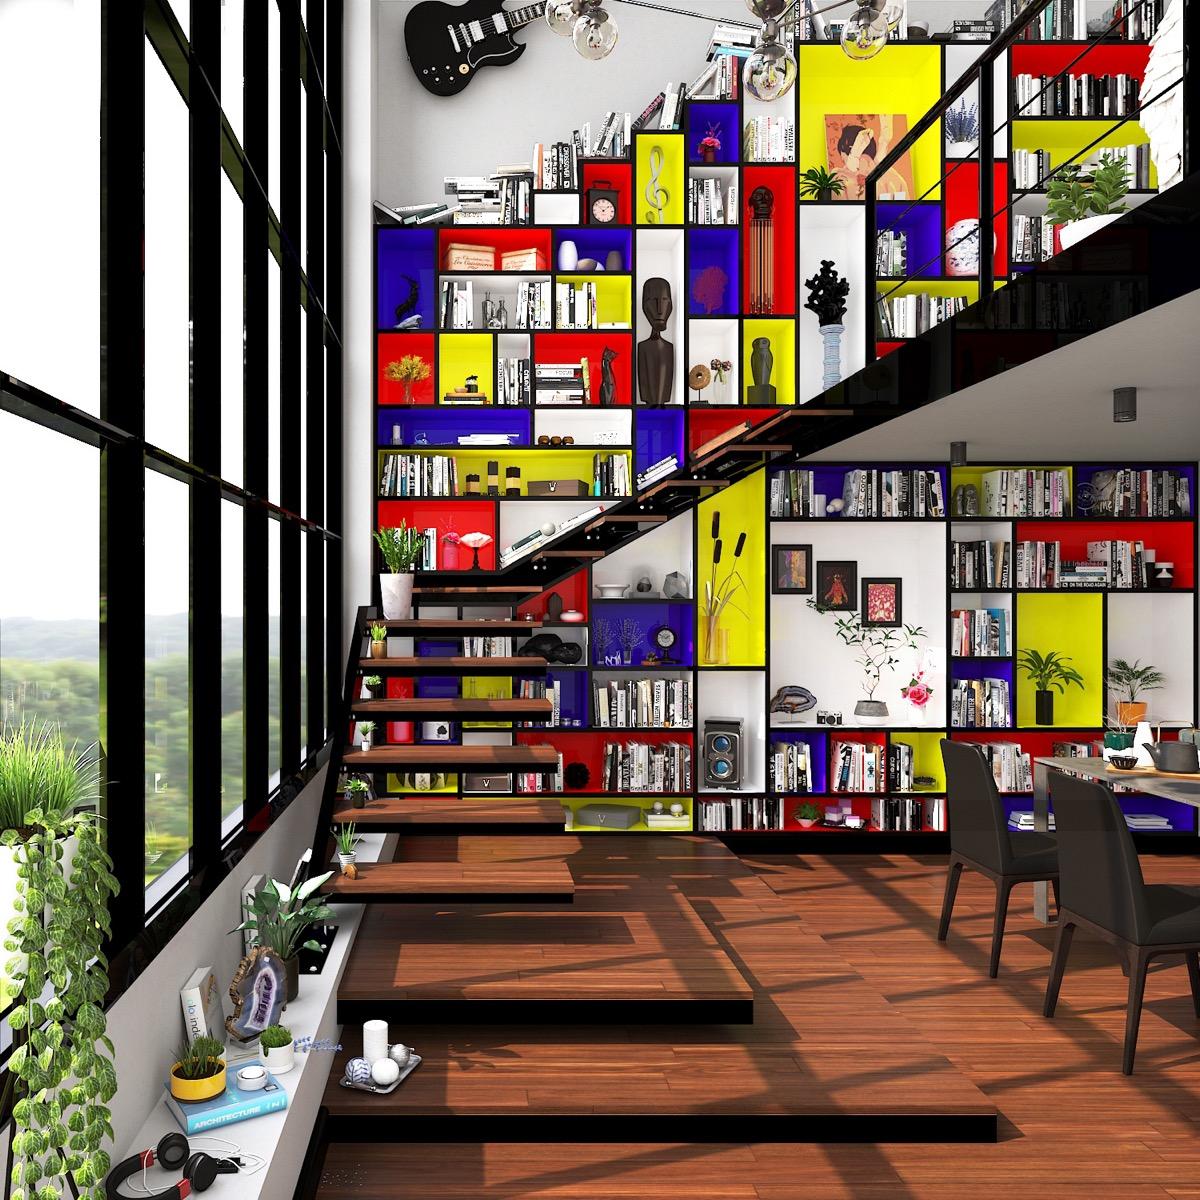 黄铜_荷兰风格派(De Stijl)室内设计作品欣赏(4) - 设计之家